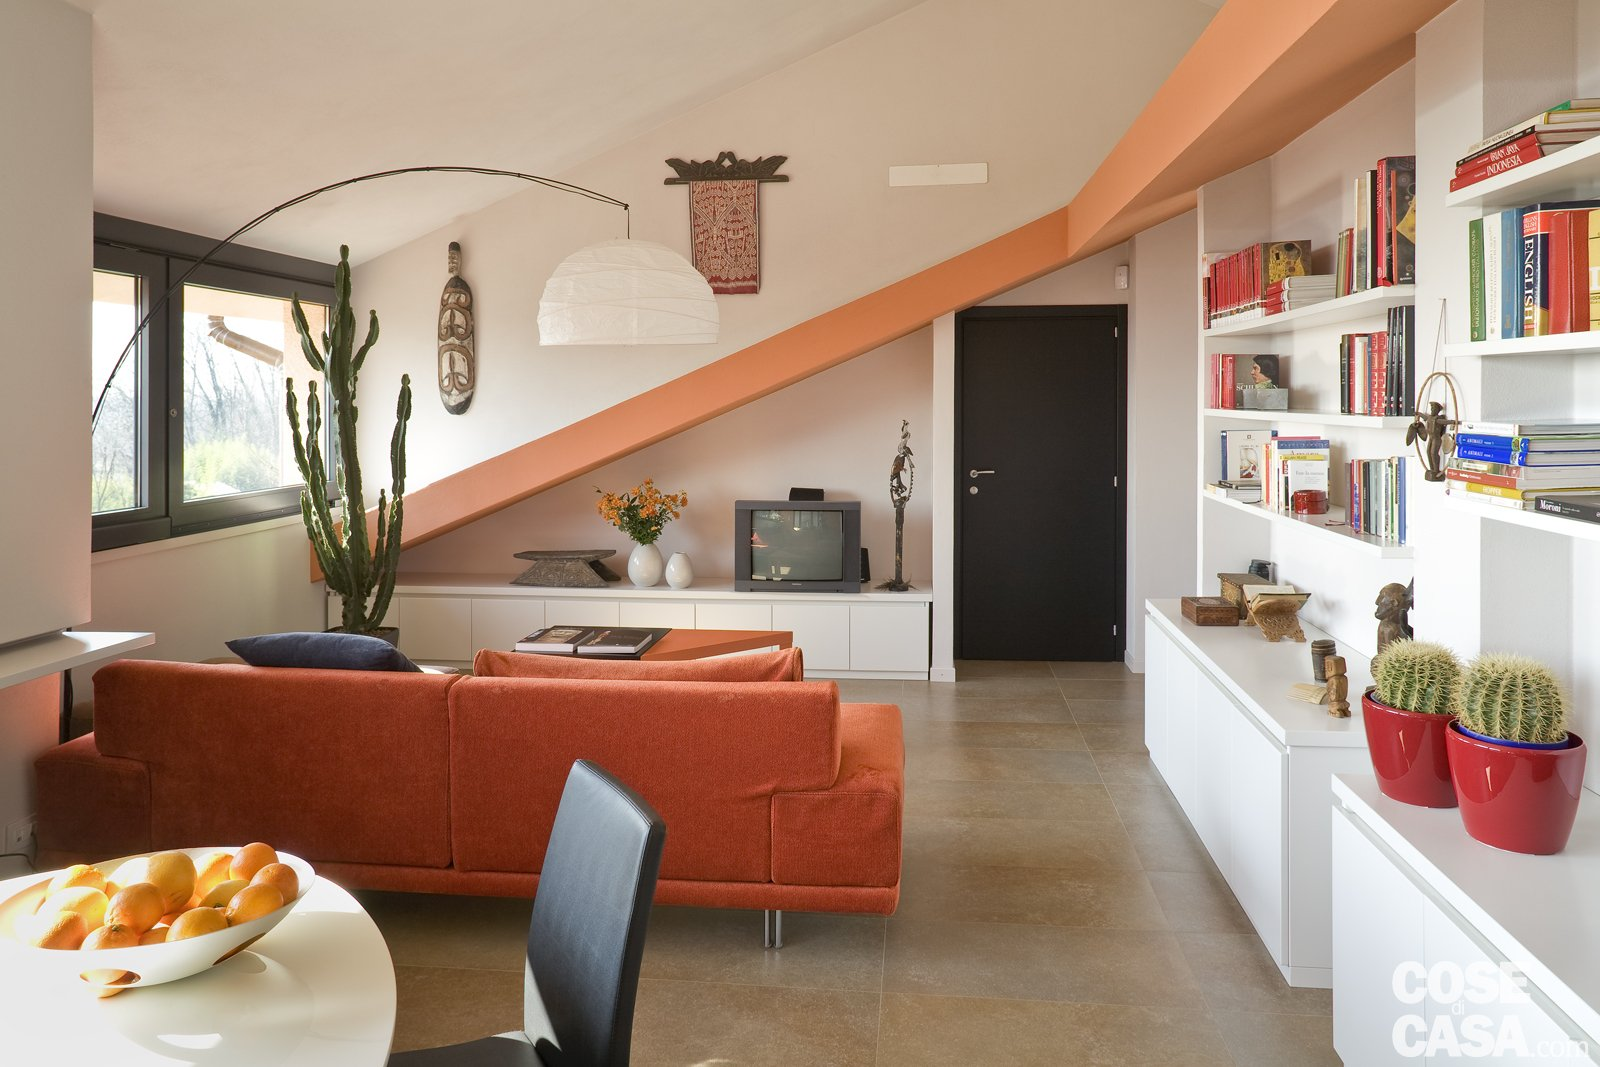 Casa in mansarda con le soluzioni giuste per gli spazi for Grandi planimetrie per le case